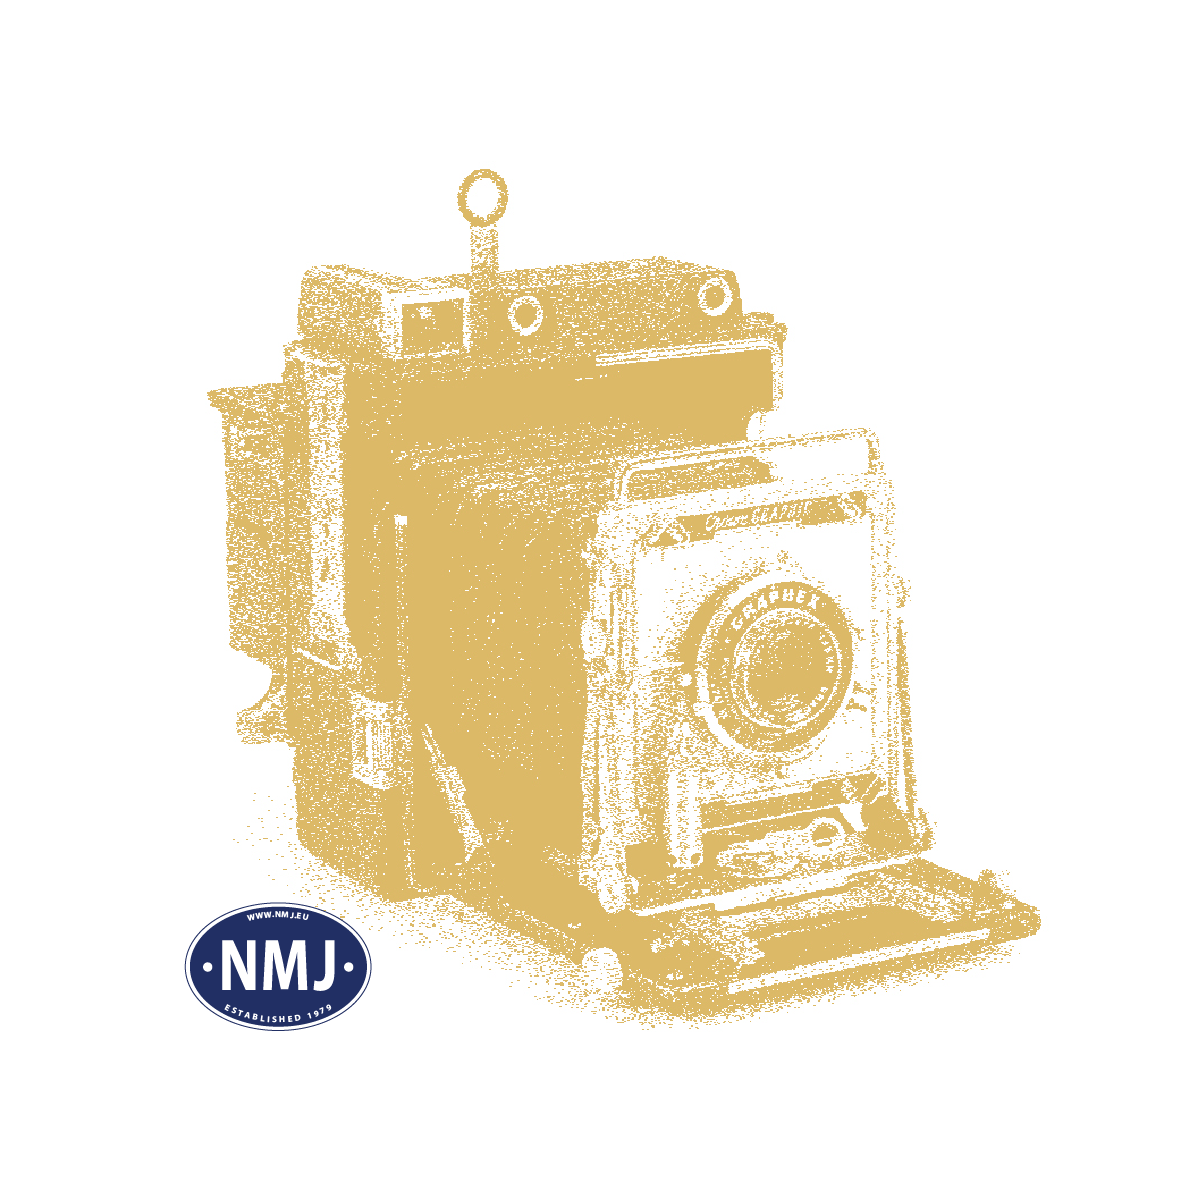 NOC16456 - NSU Supermax